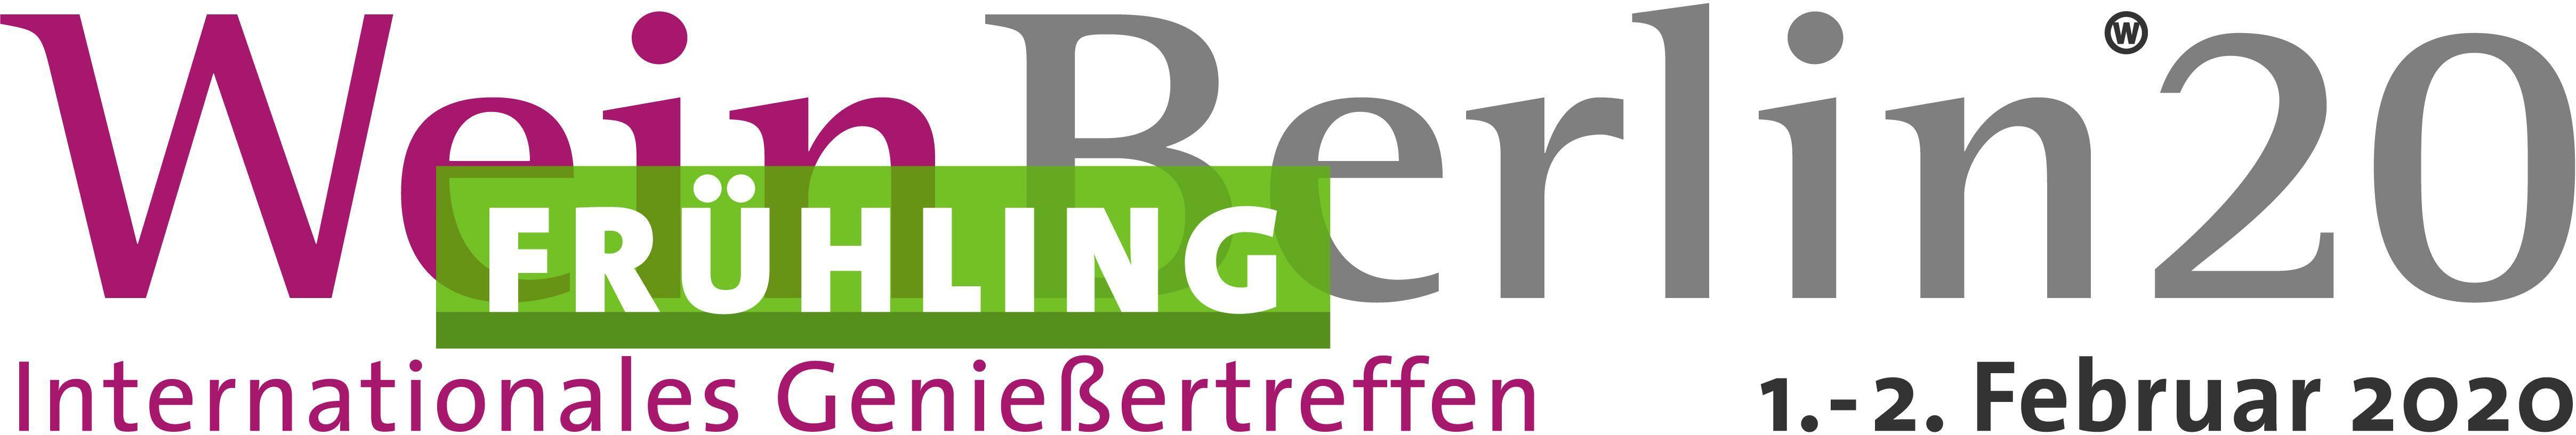 Veranstaltungsbanner der WeinBerlin Frühling 2020